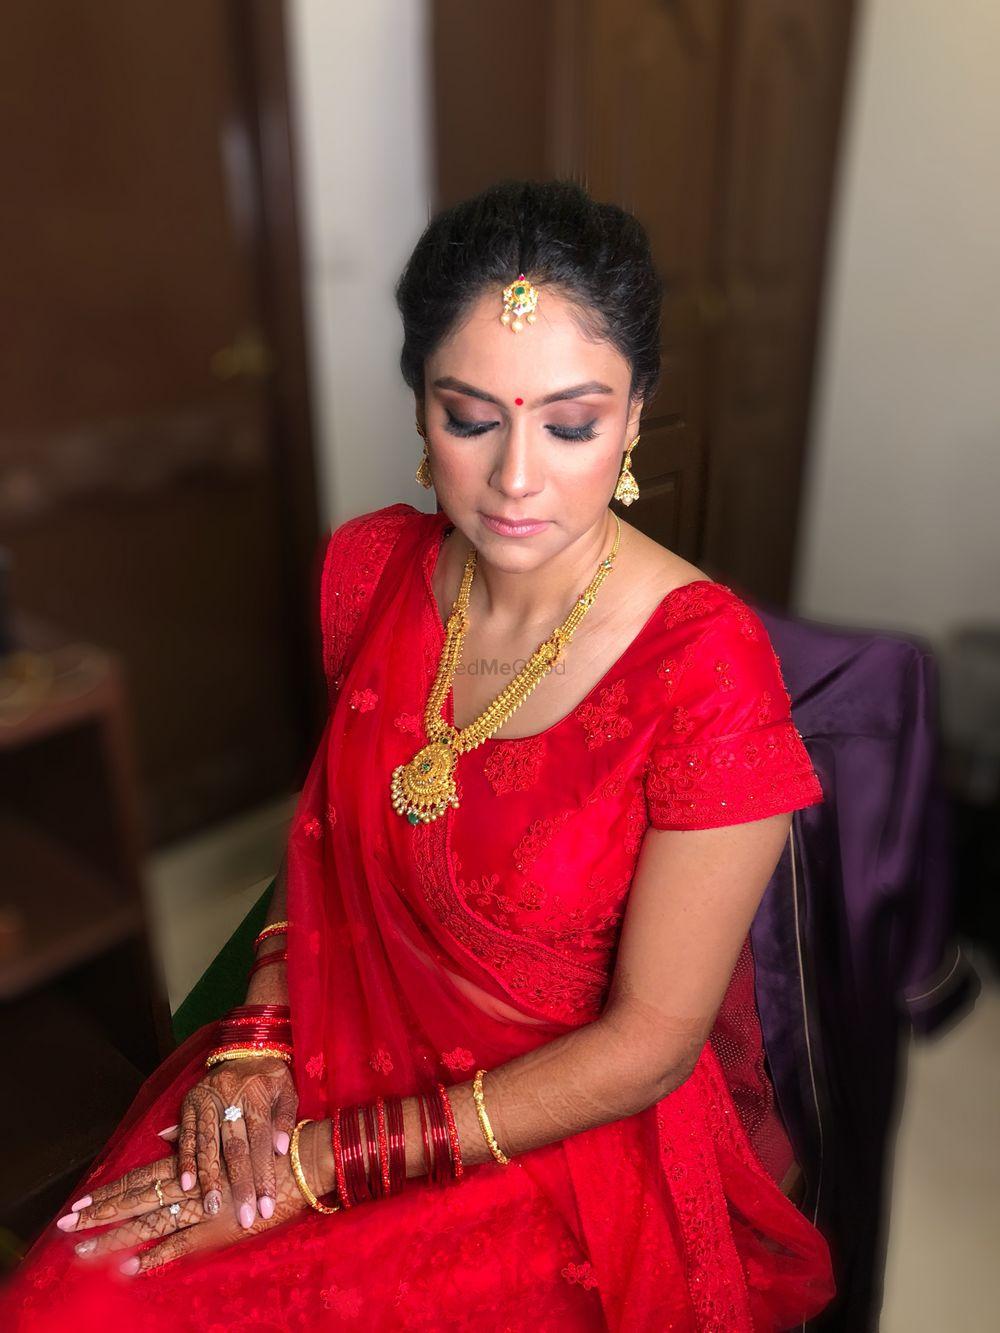 Photo From Monisha  - By Instaura by Nehaa